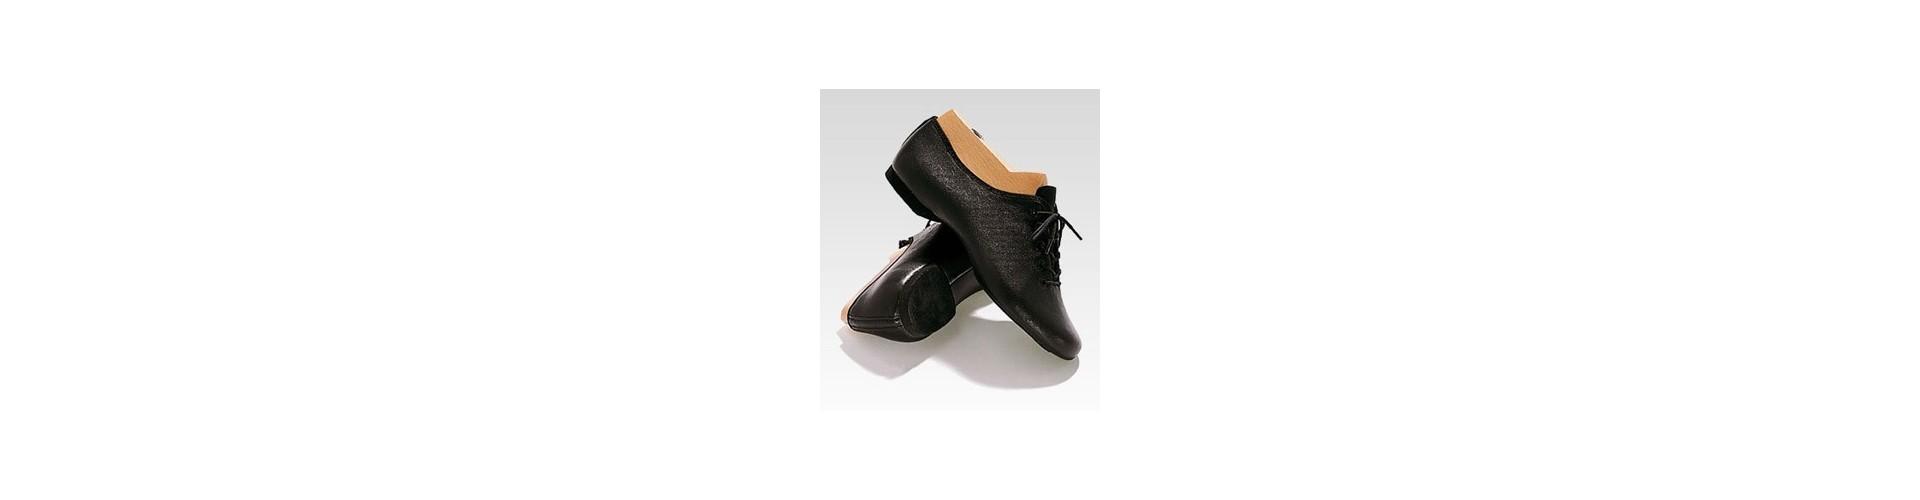 Chaussures Jazz